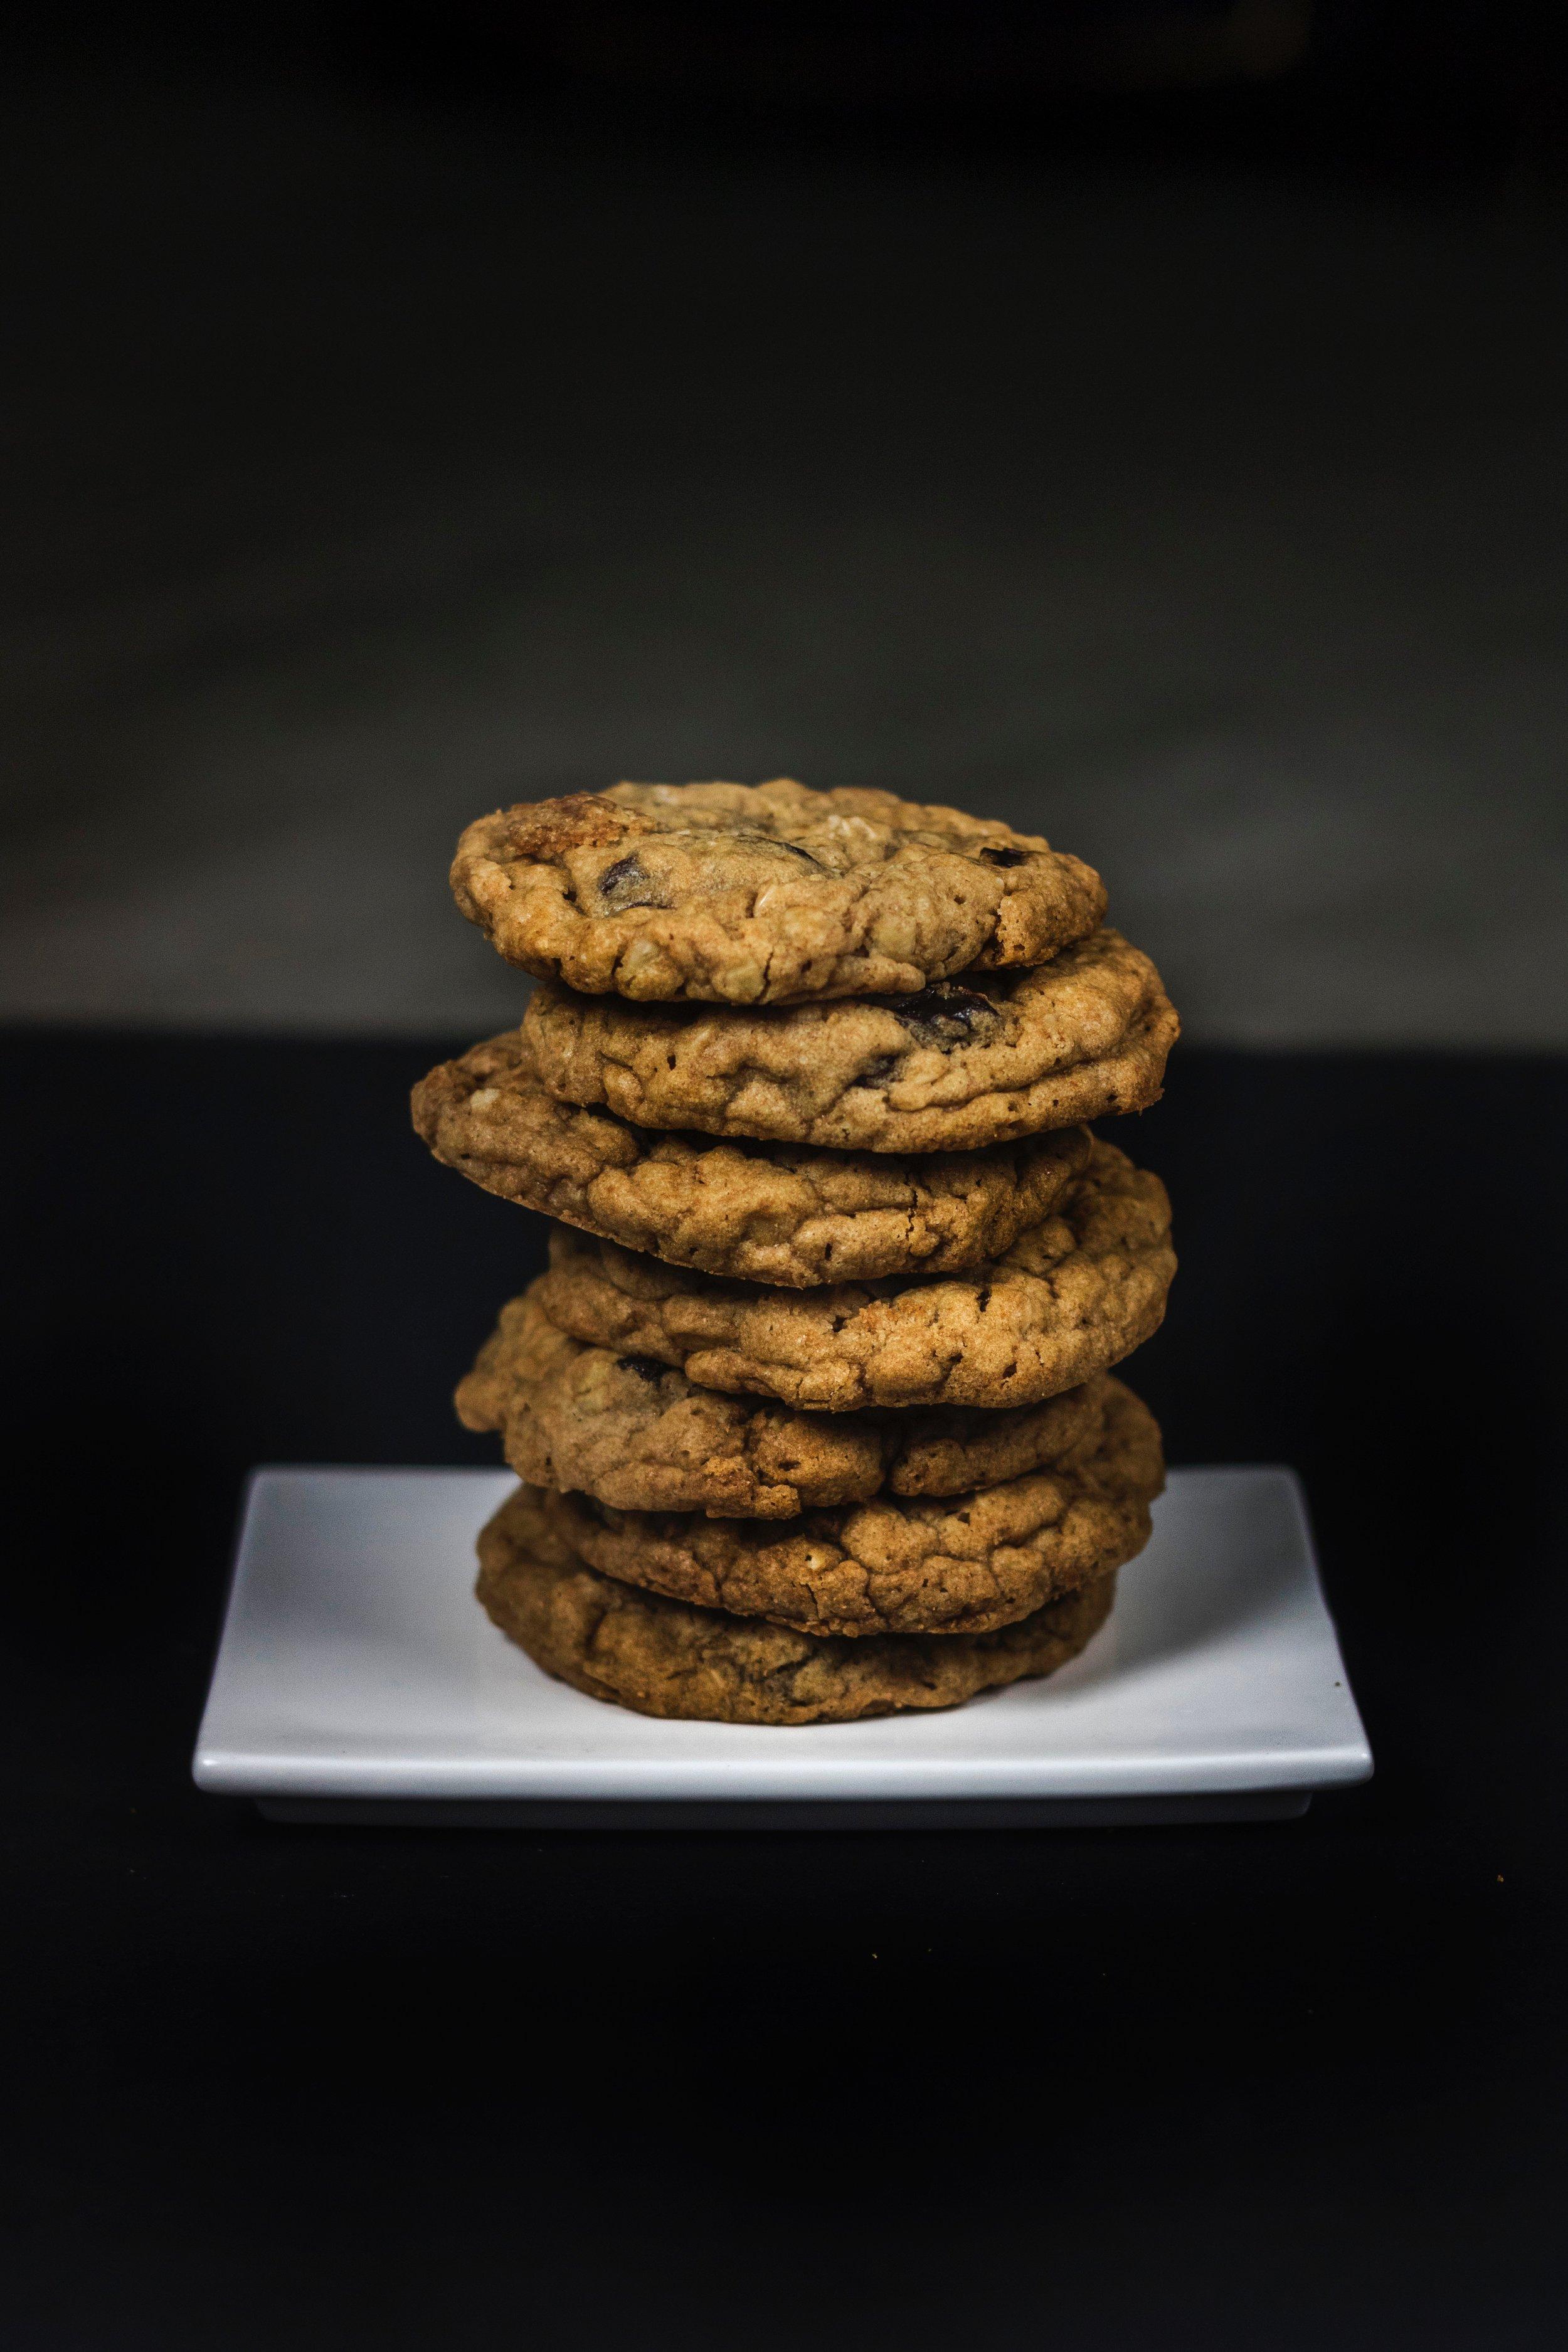 Cookies_eiliv-aceron-733623-unsplash.jpg